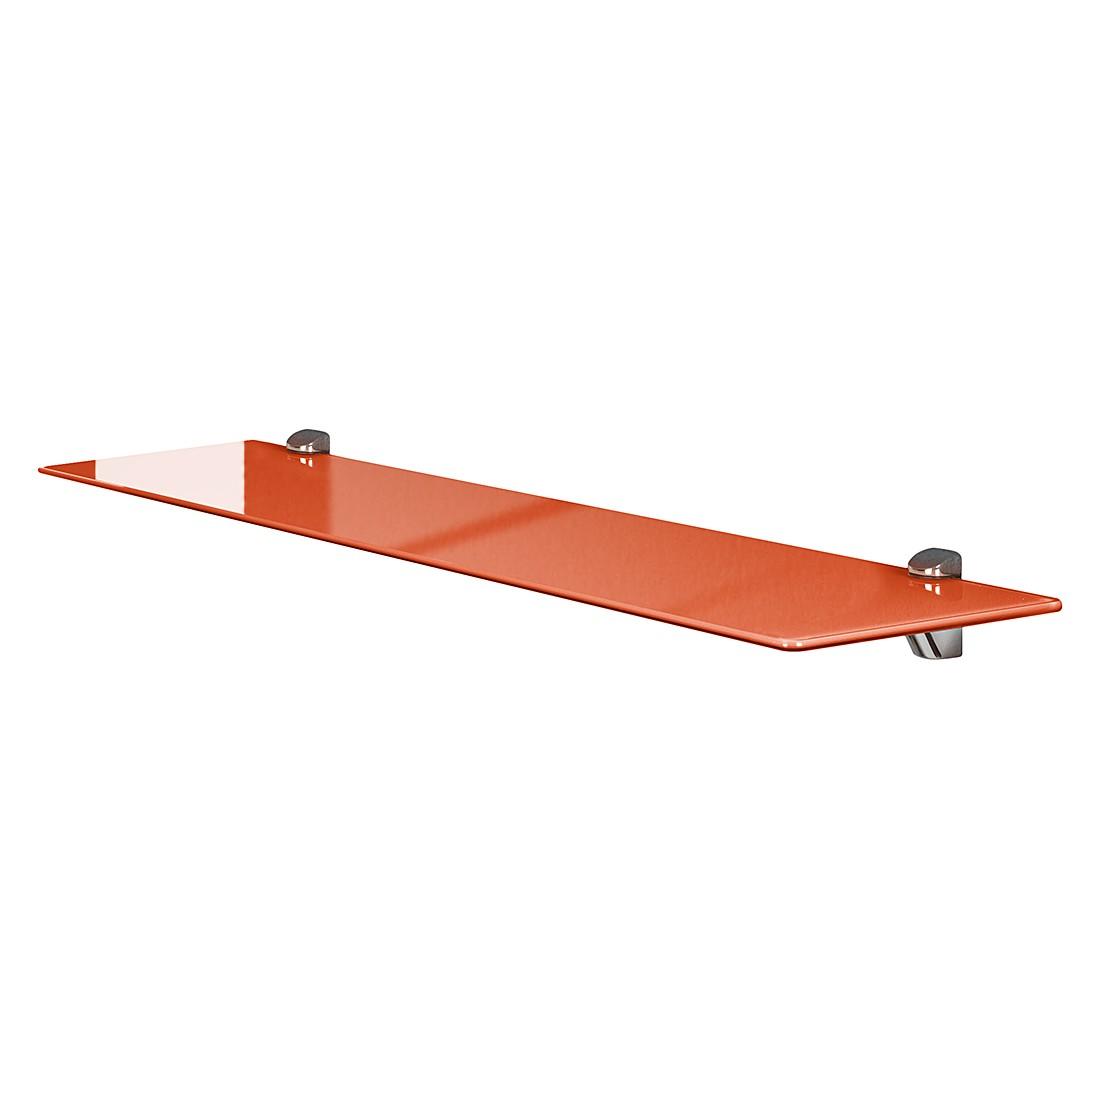 Wandboard Jopek I – Orange, mooved günstig kaufen